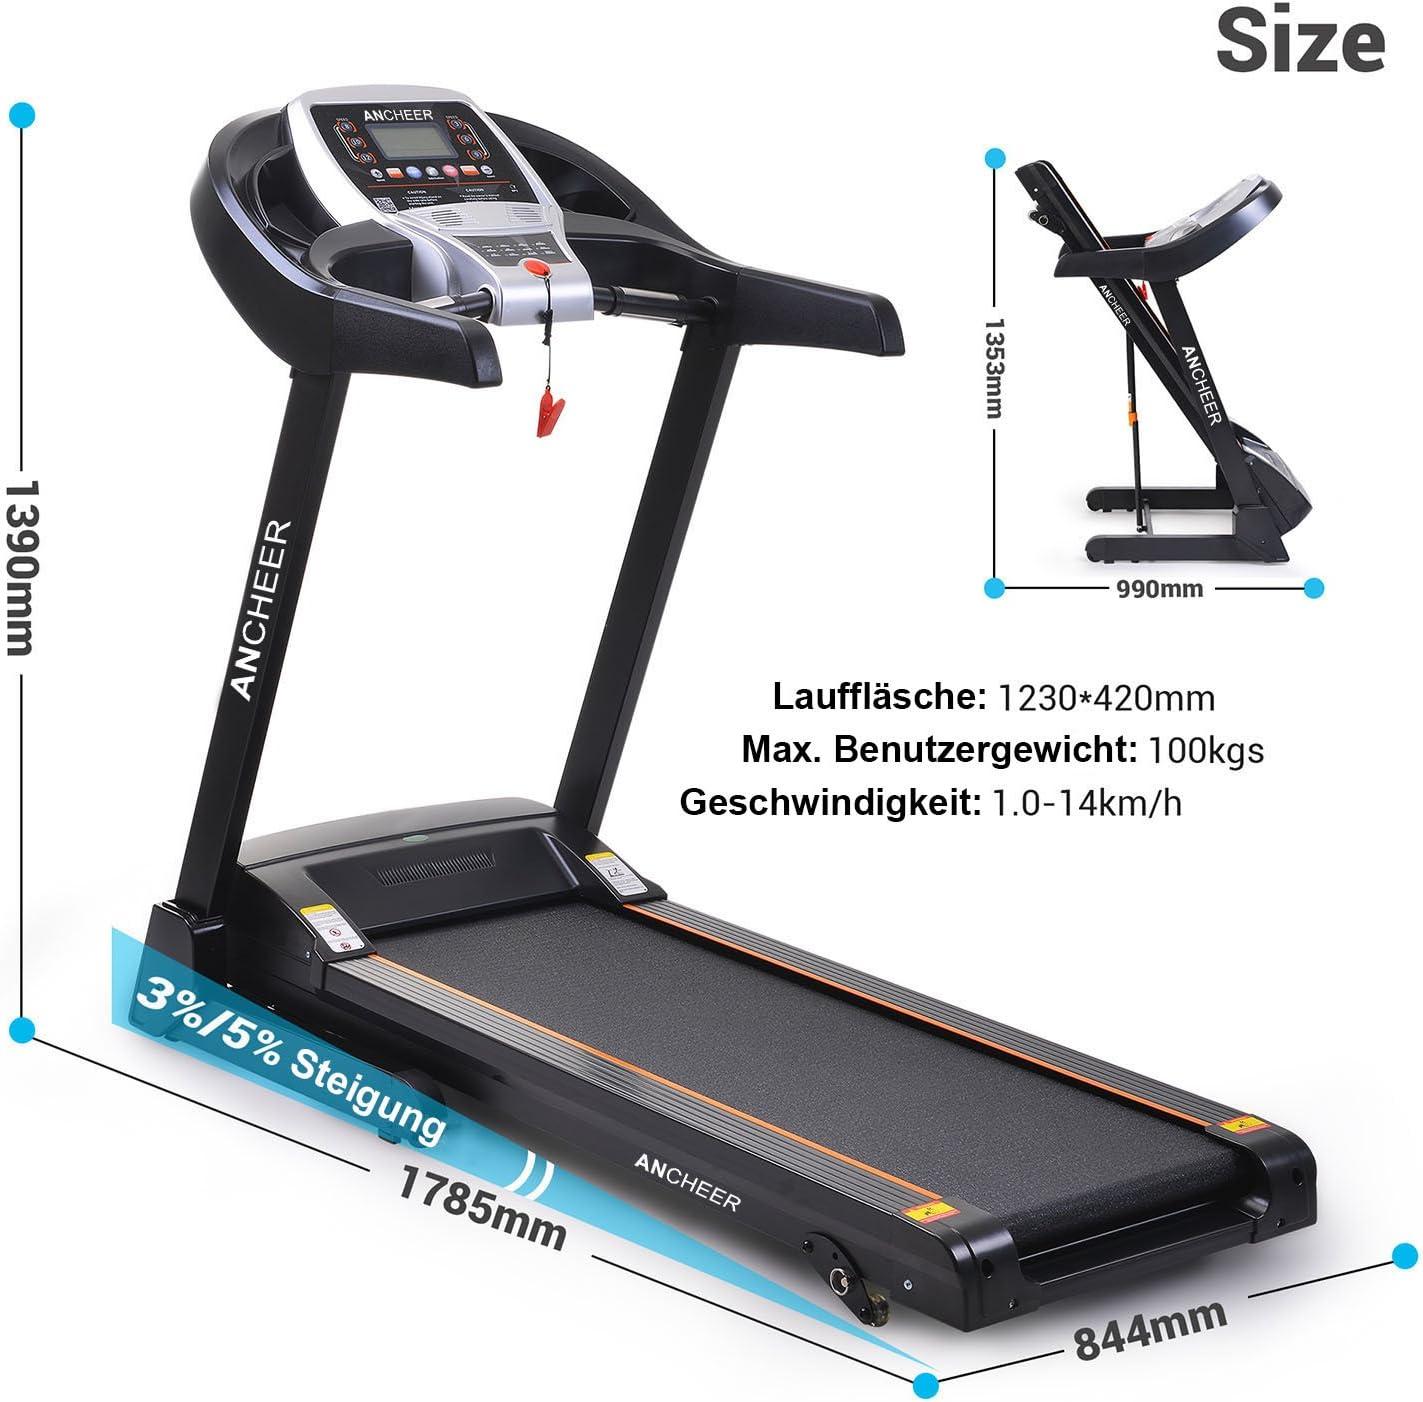 LONTEK Sports Laufband Elektromotor mit Trainingscomputer Zusammenklappbar 14km//h 15/% Automatische Steigung 12 Individuelles Trainingsprogramm mit Safety Key Sicherheitsfunktion